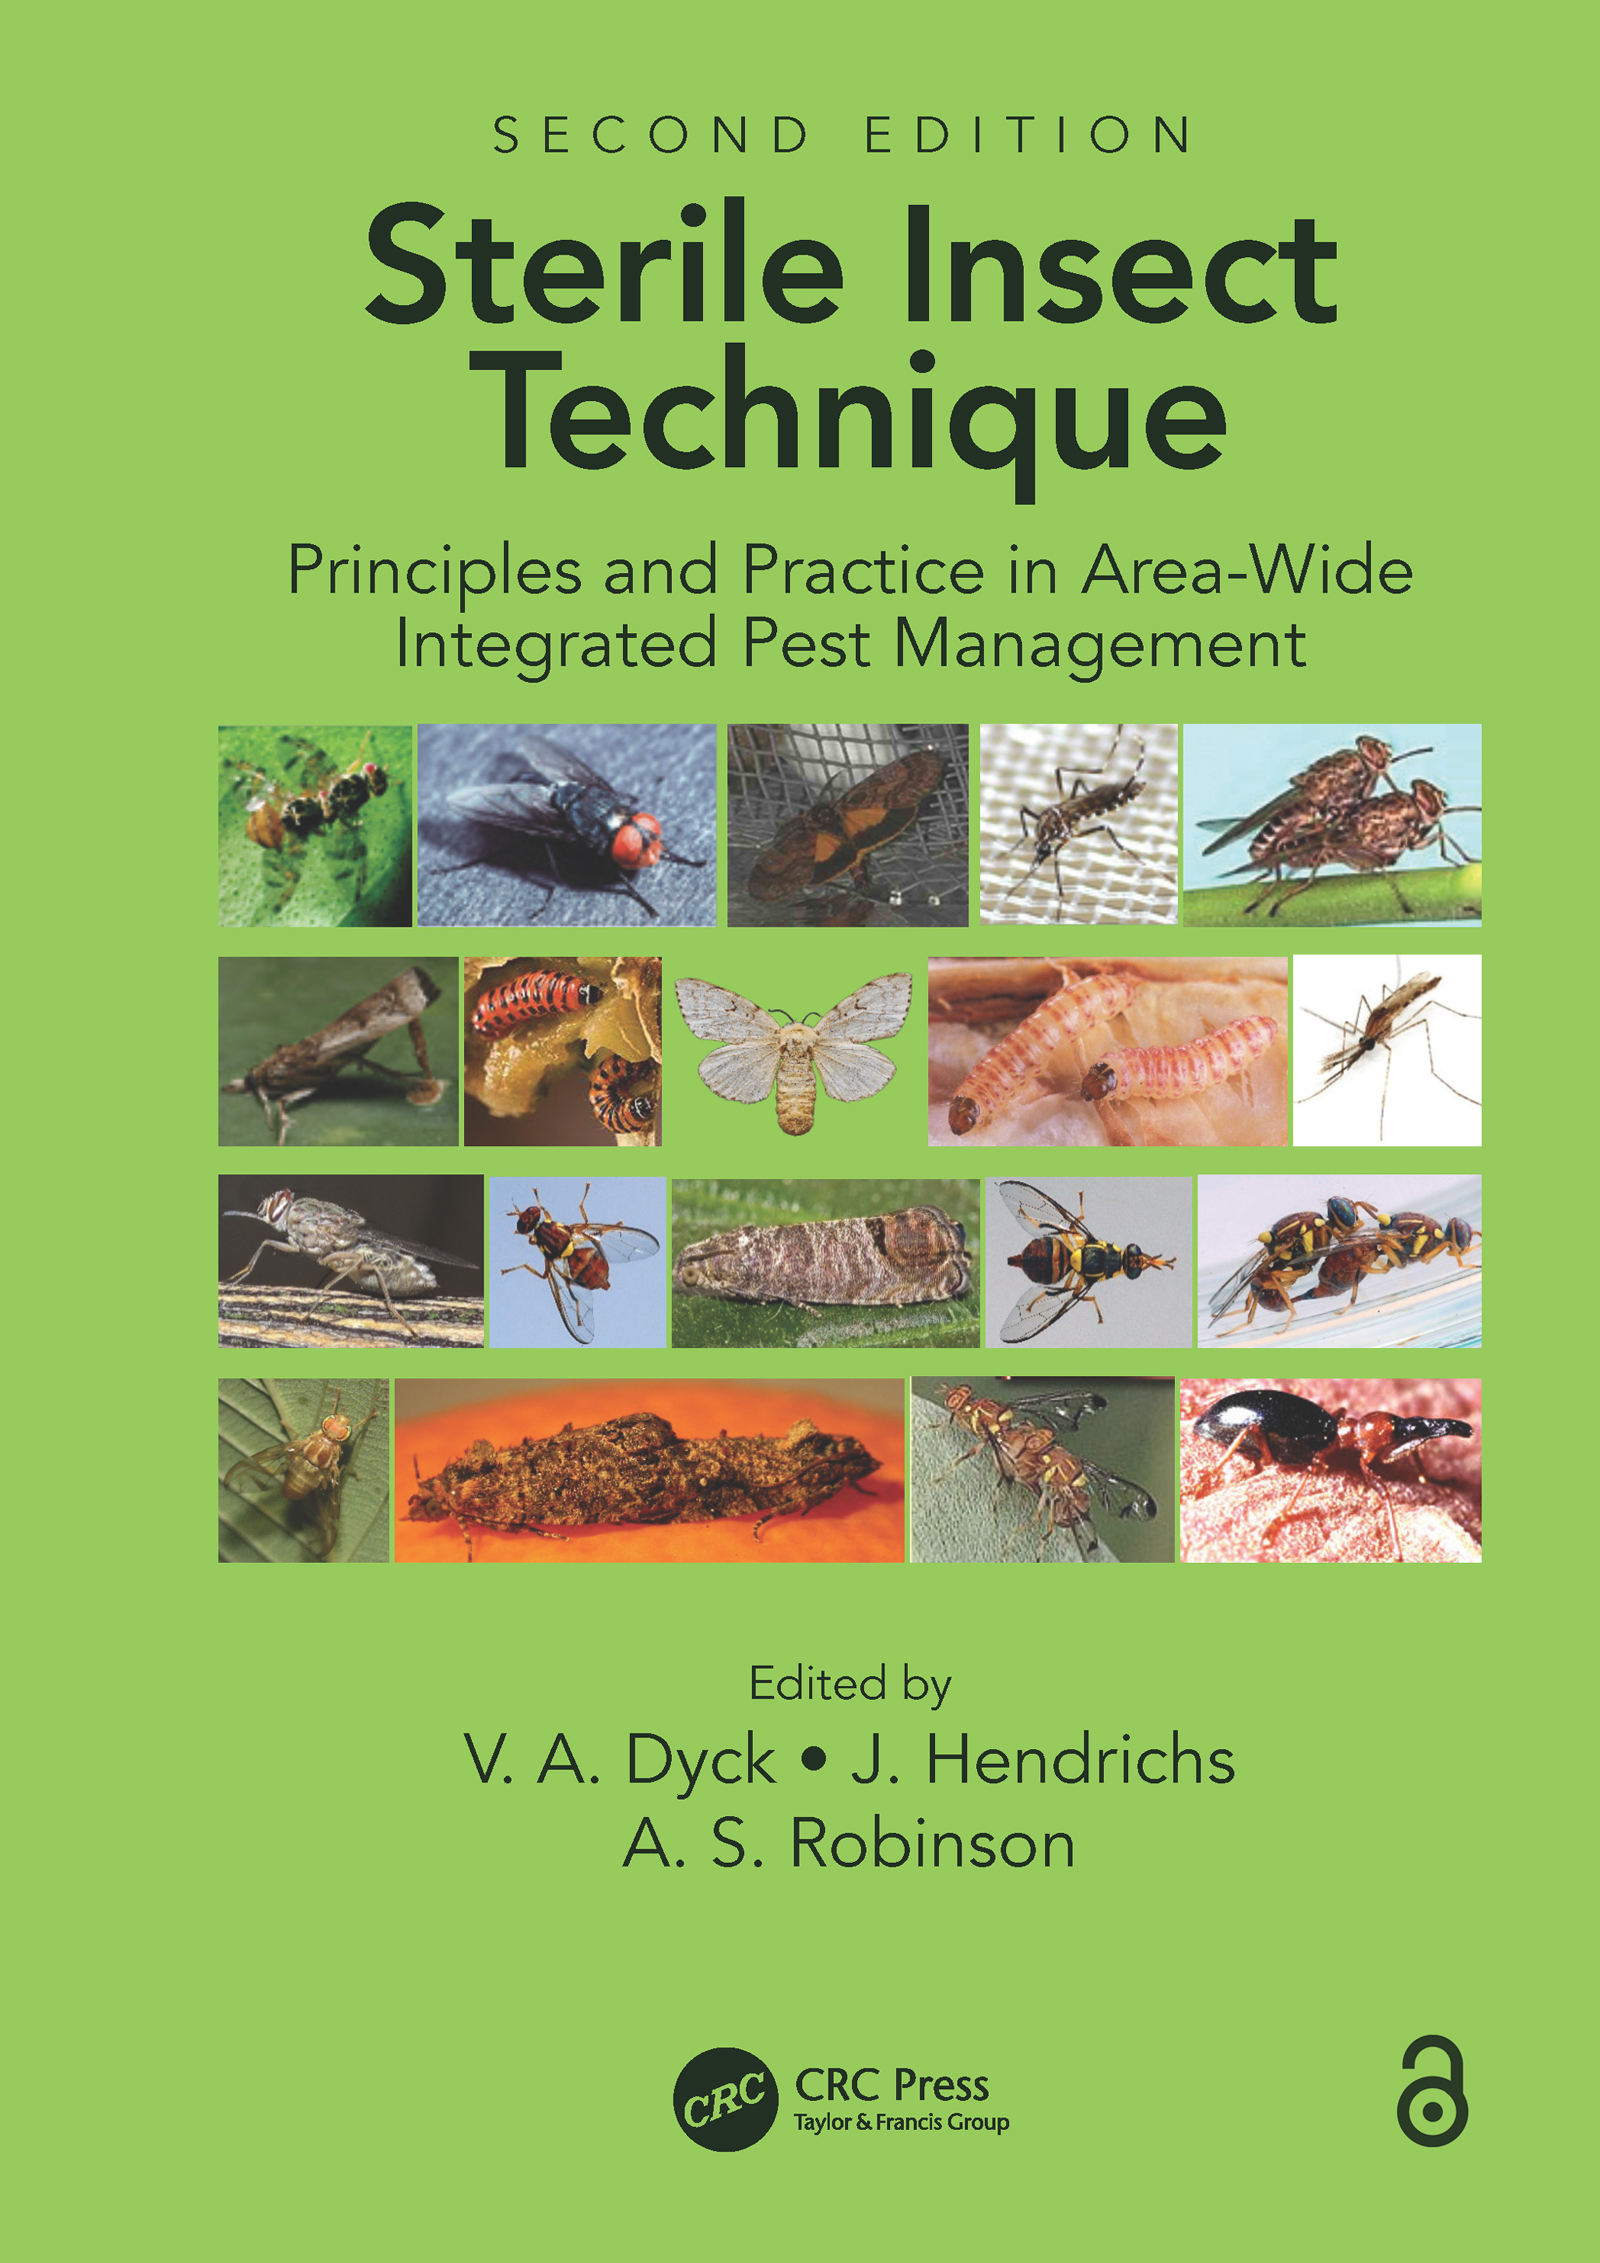 Sterile Insect Technique